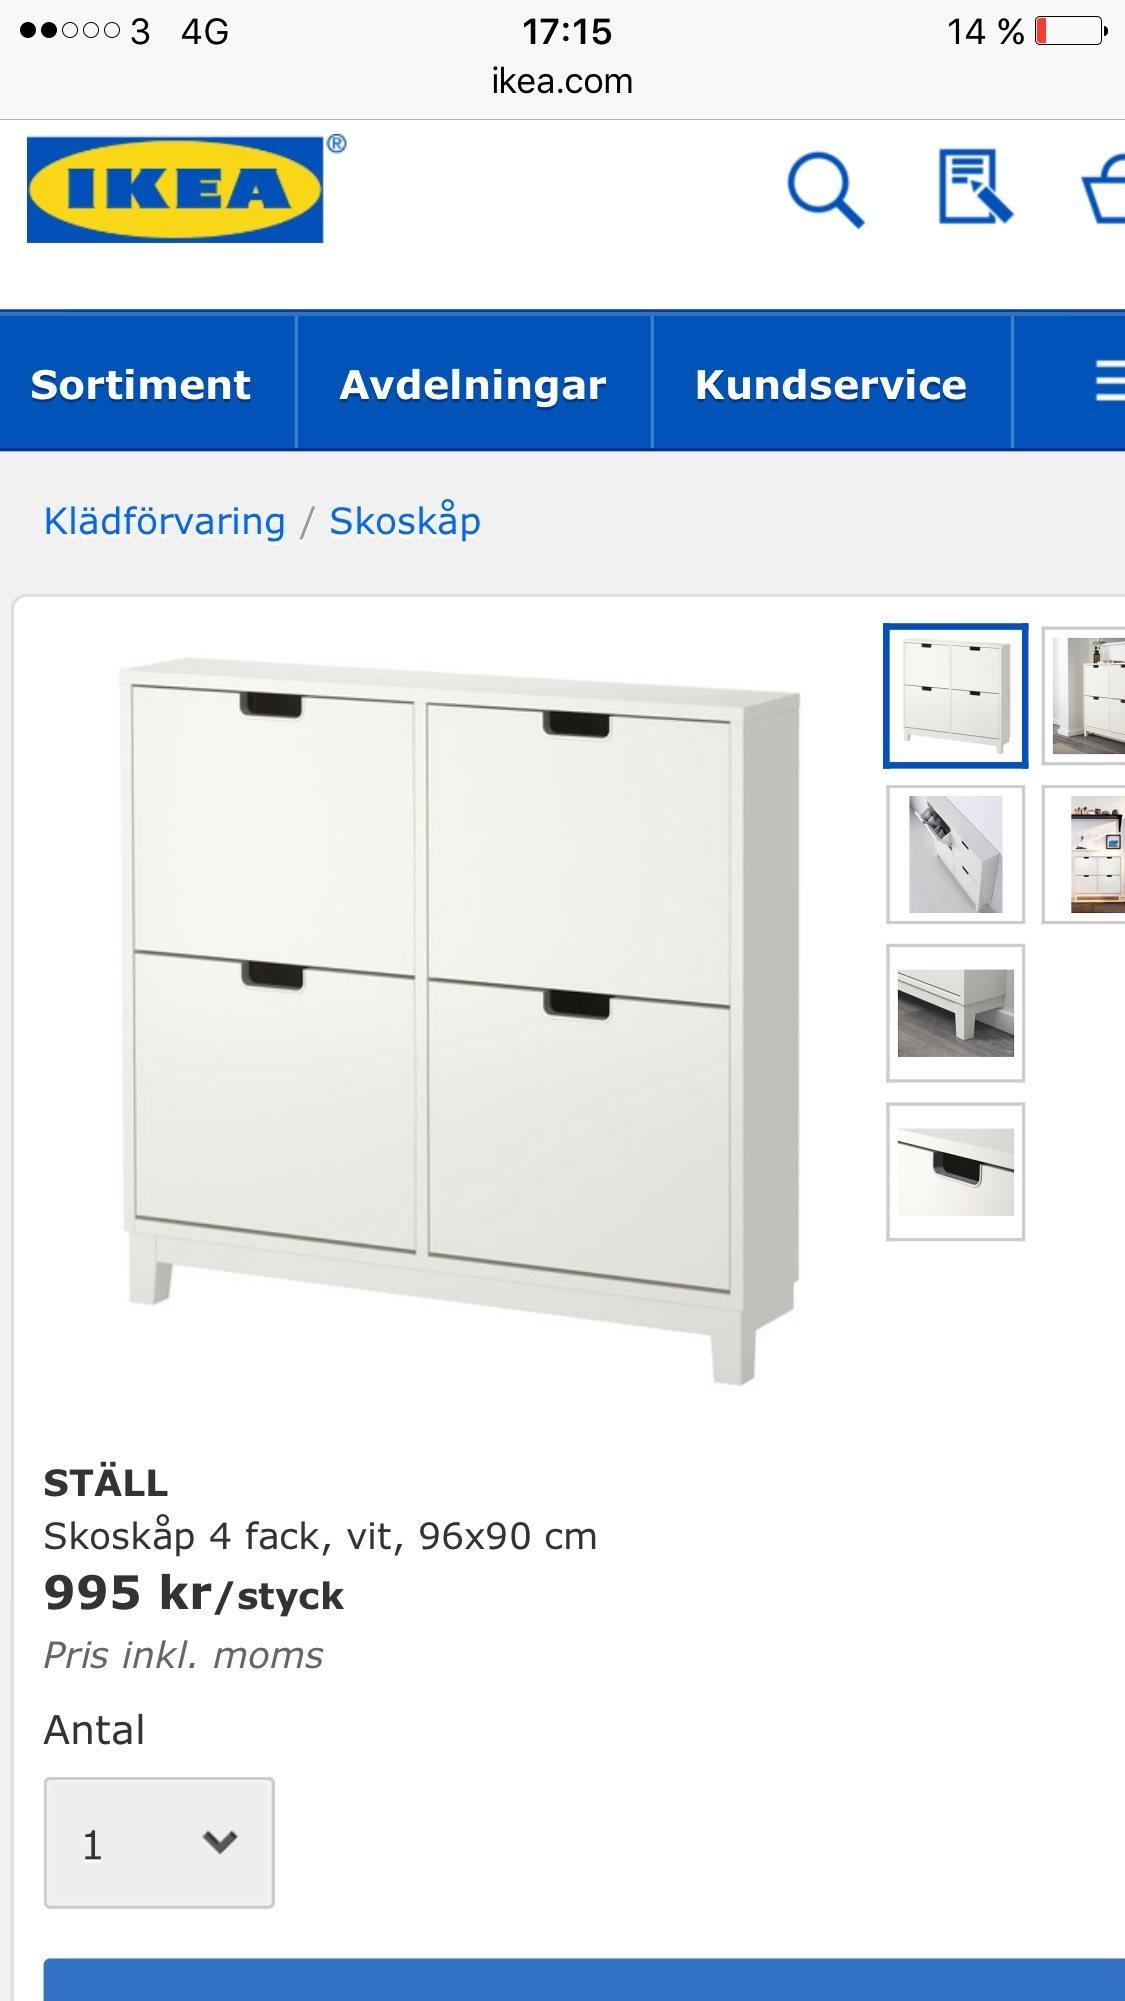 Skoskåp STäLL IKEA på Tradera com Hallmöbler Möbler Hem& Hushåll